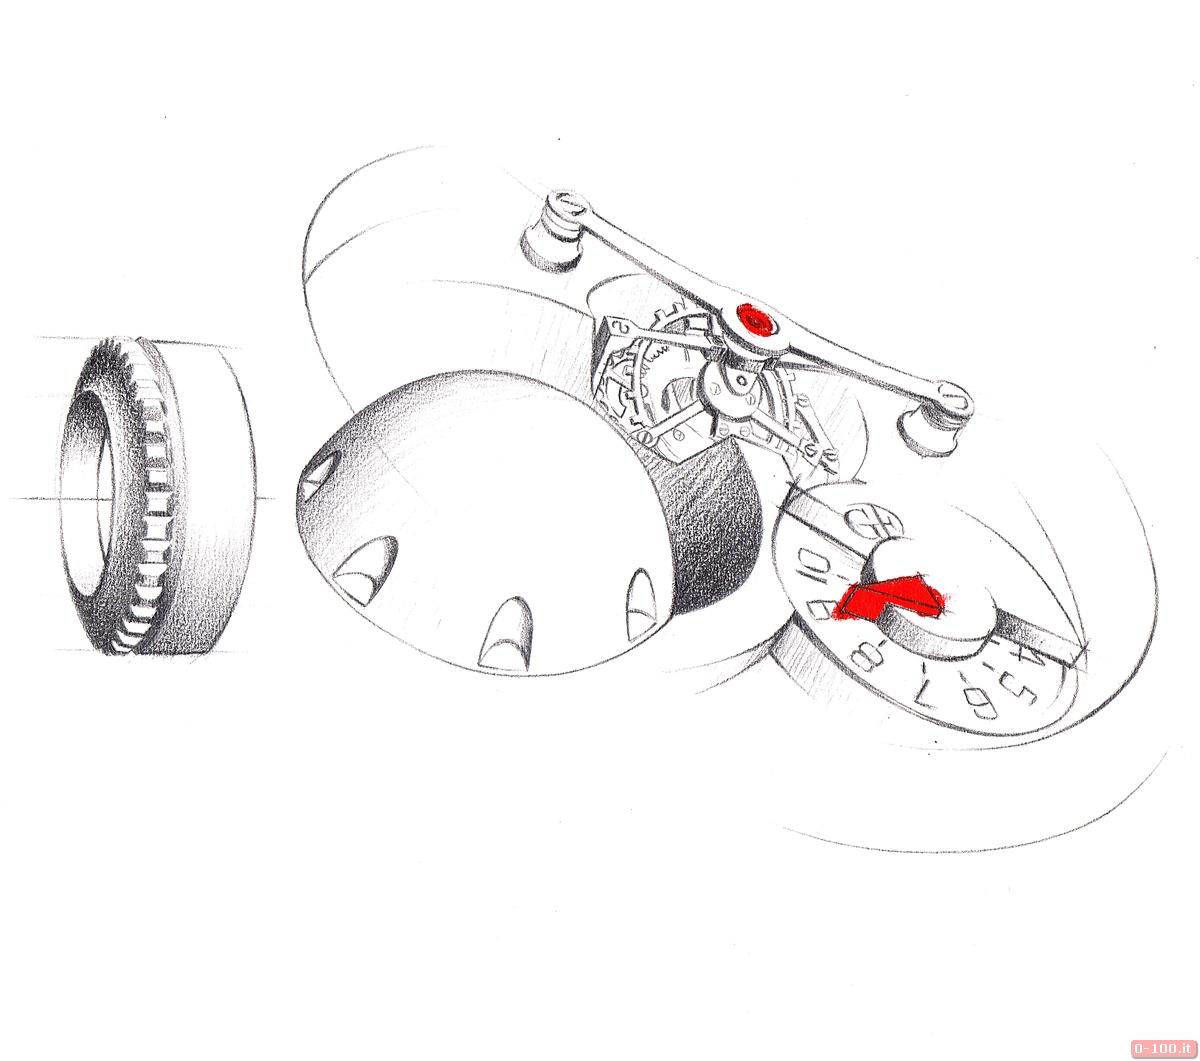 Greubel Forsey Art Piece 1_0-1009